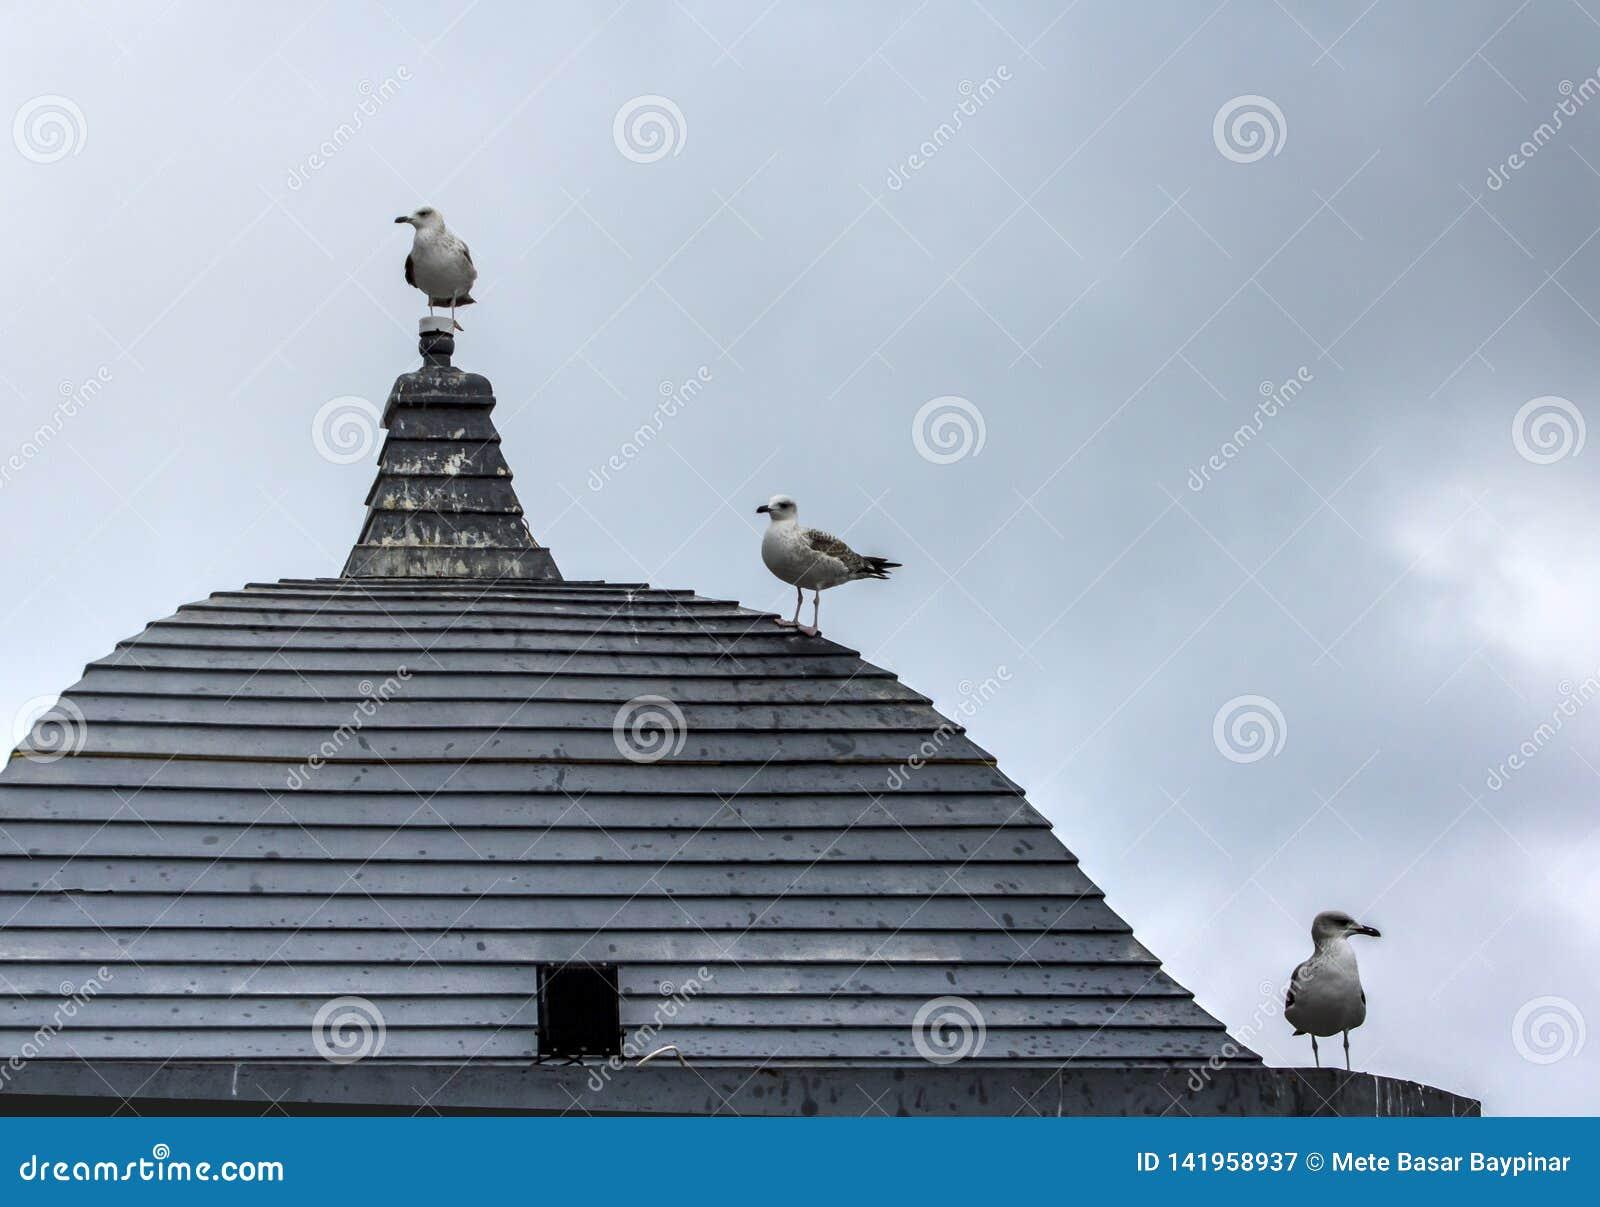 Trois mouettes attendant Godot sur un dessus de toit en bois sur un monde gris et neutre